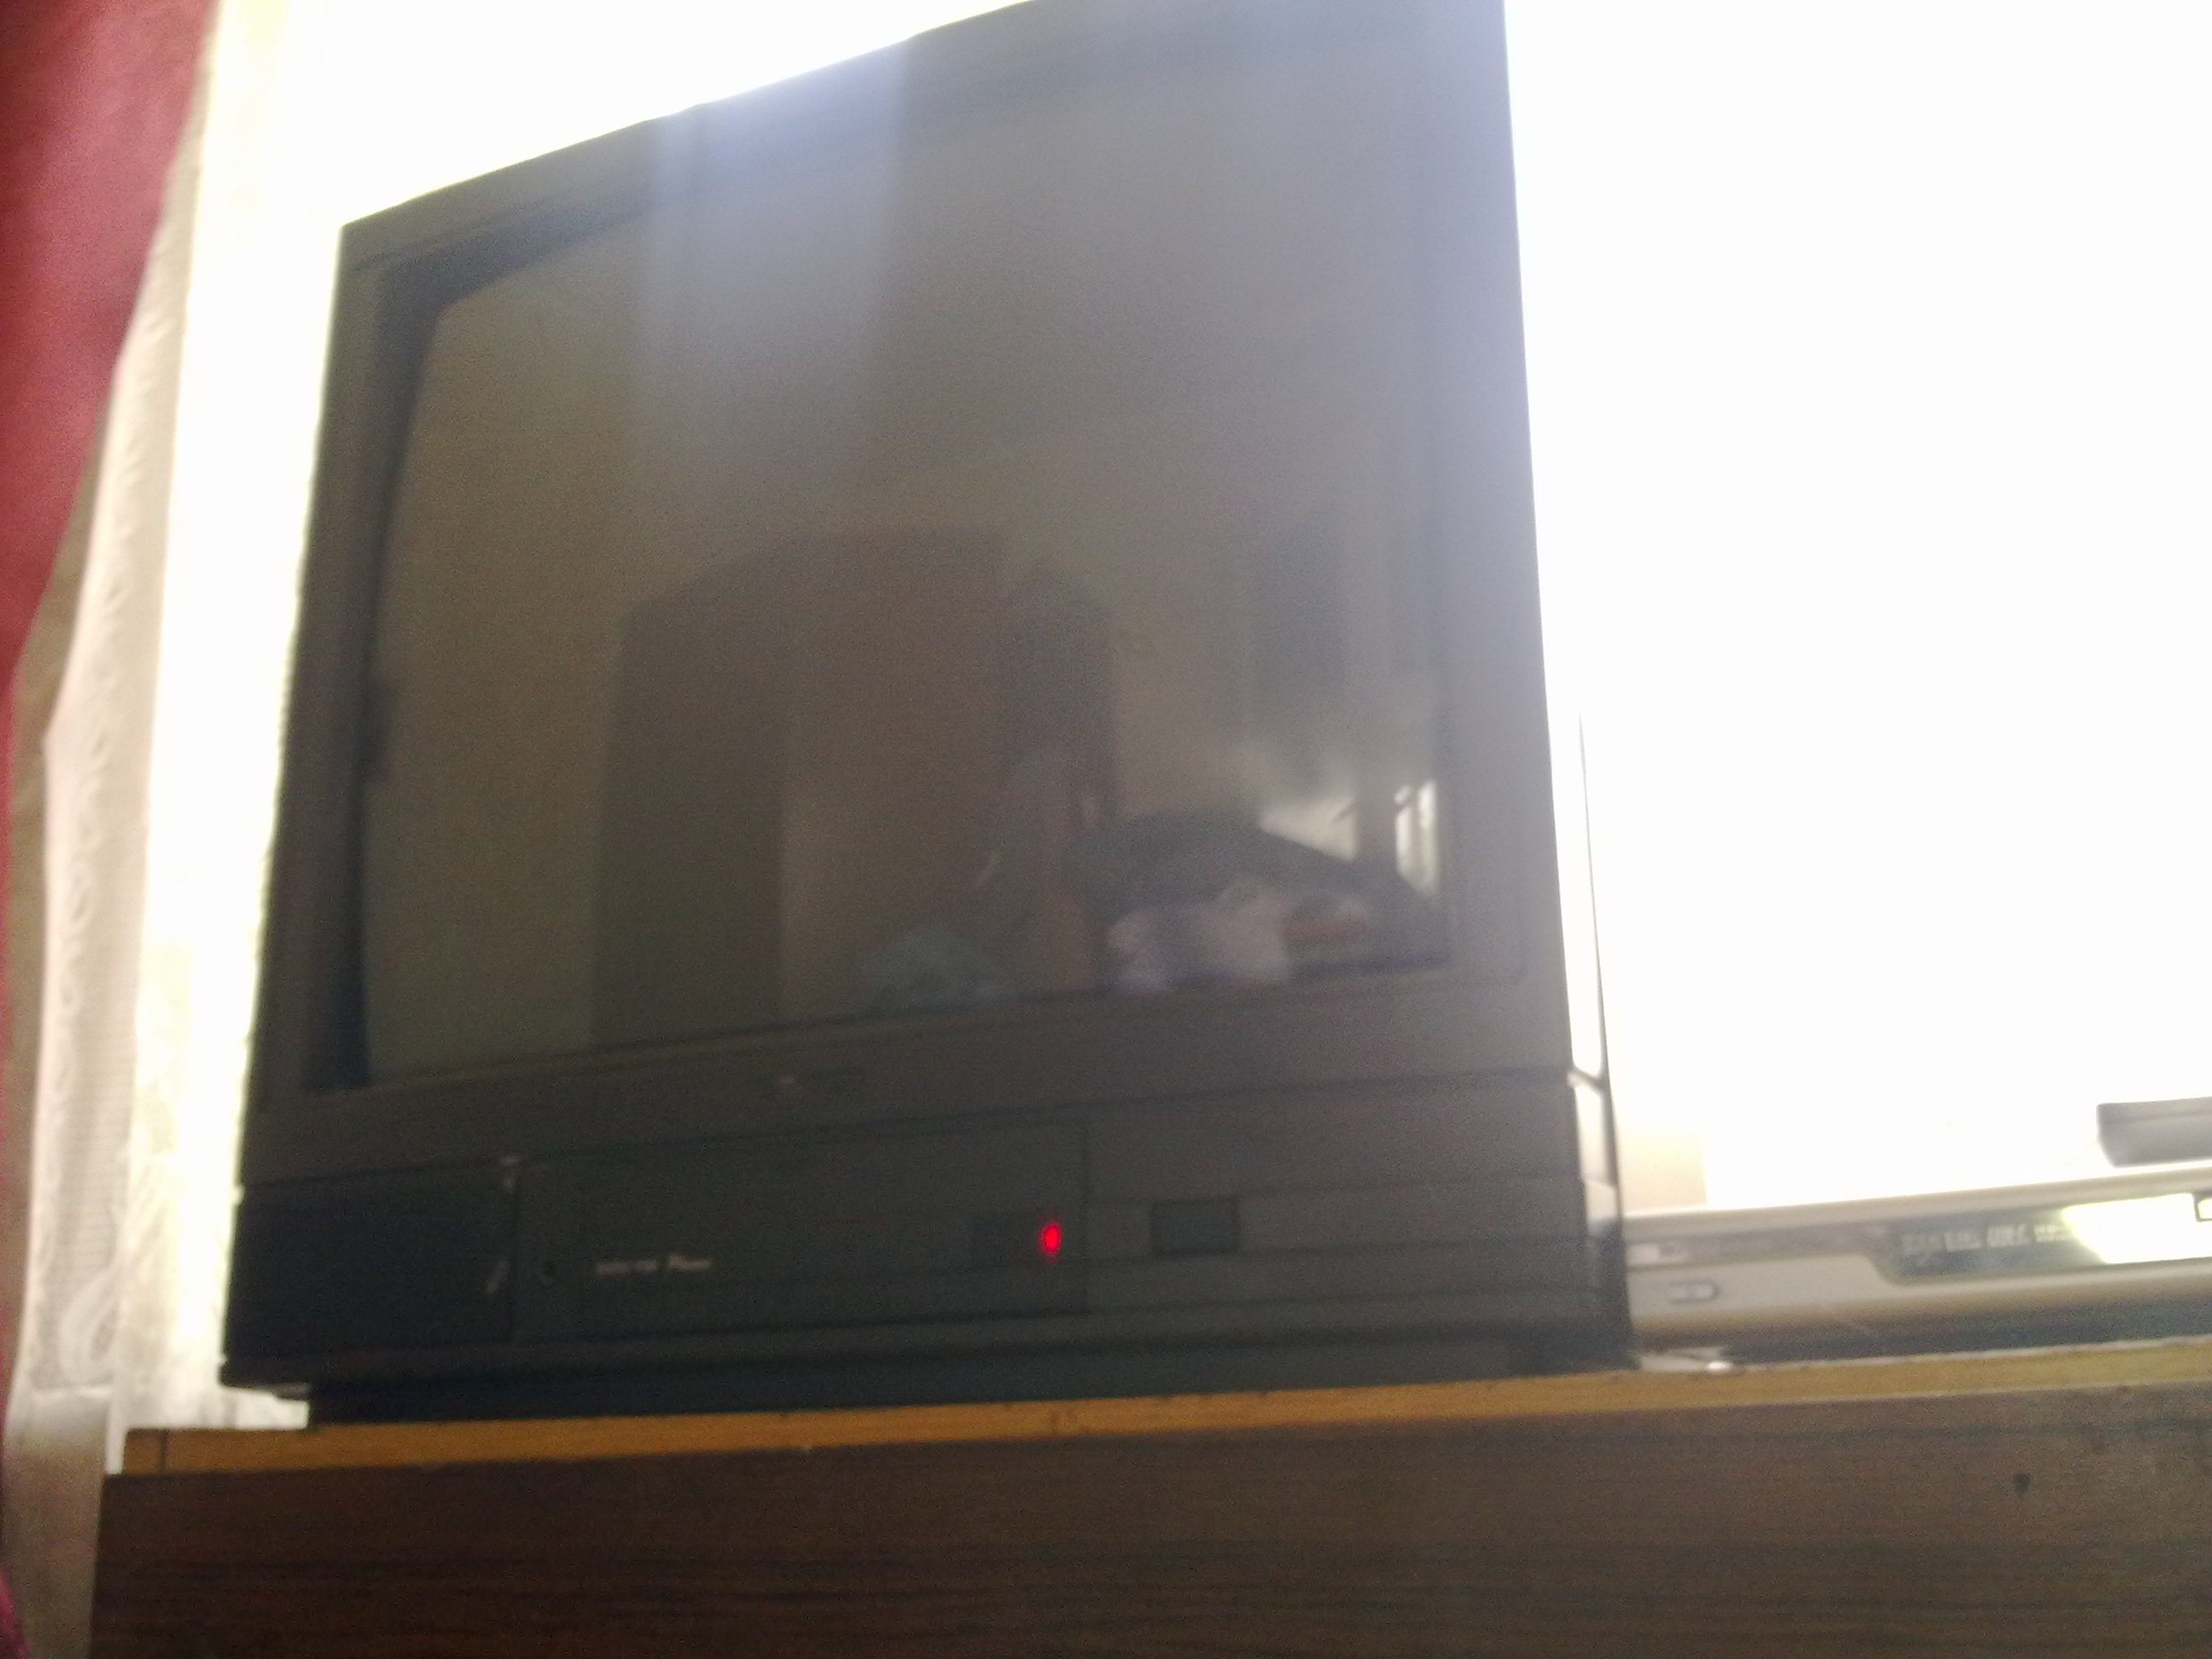 Telewizor z elektro�mieci- identyfikacja.